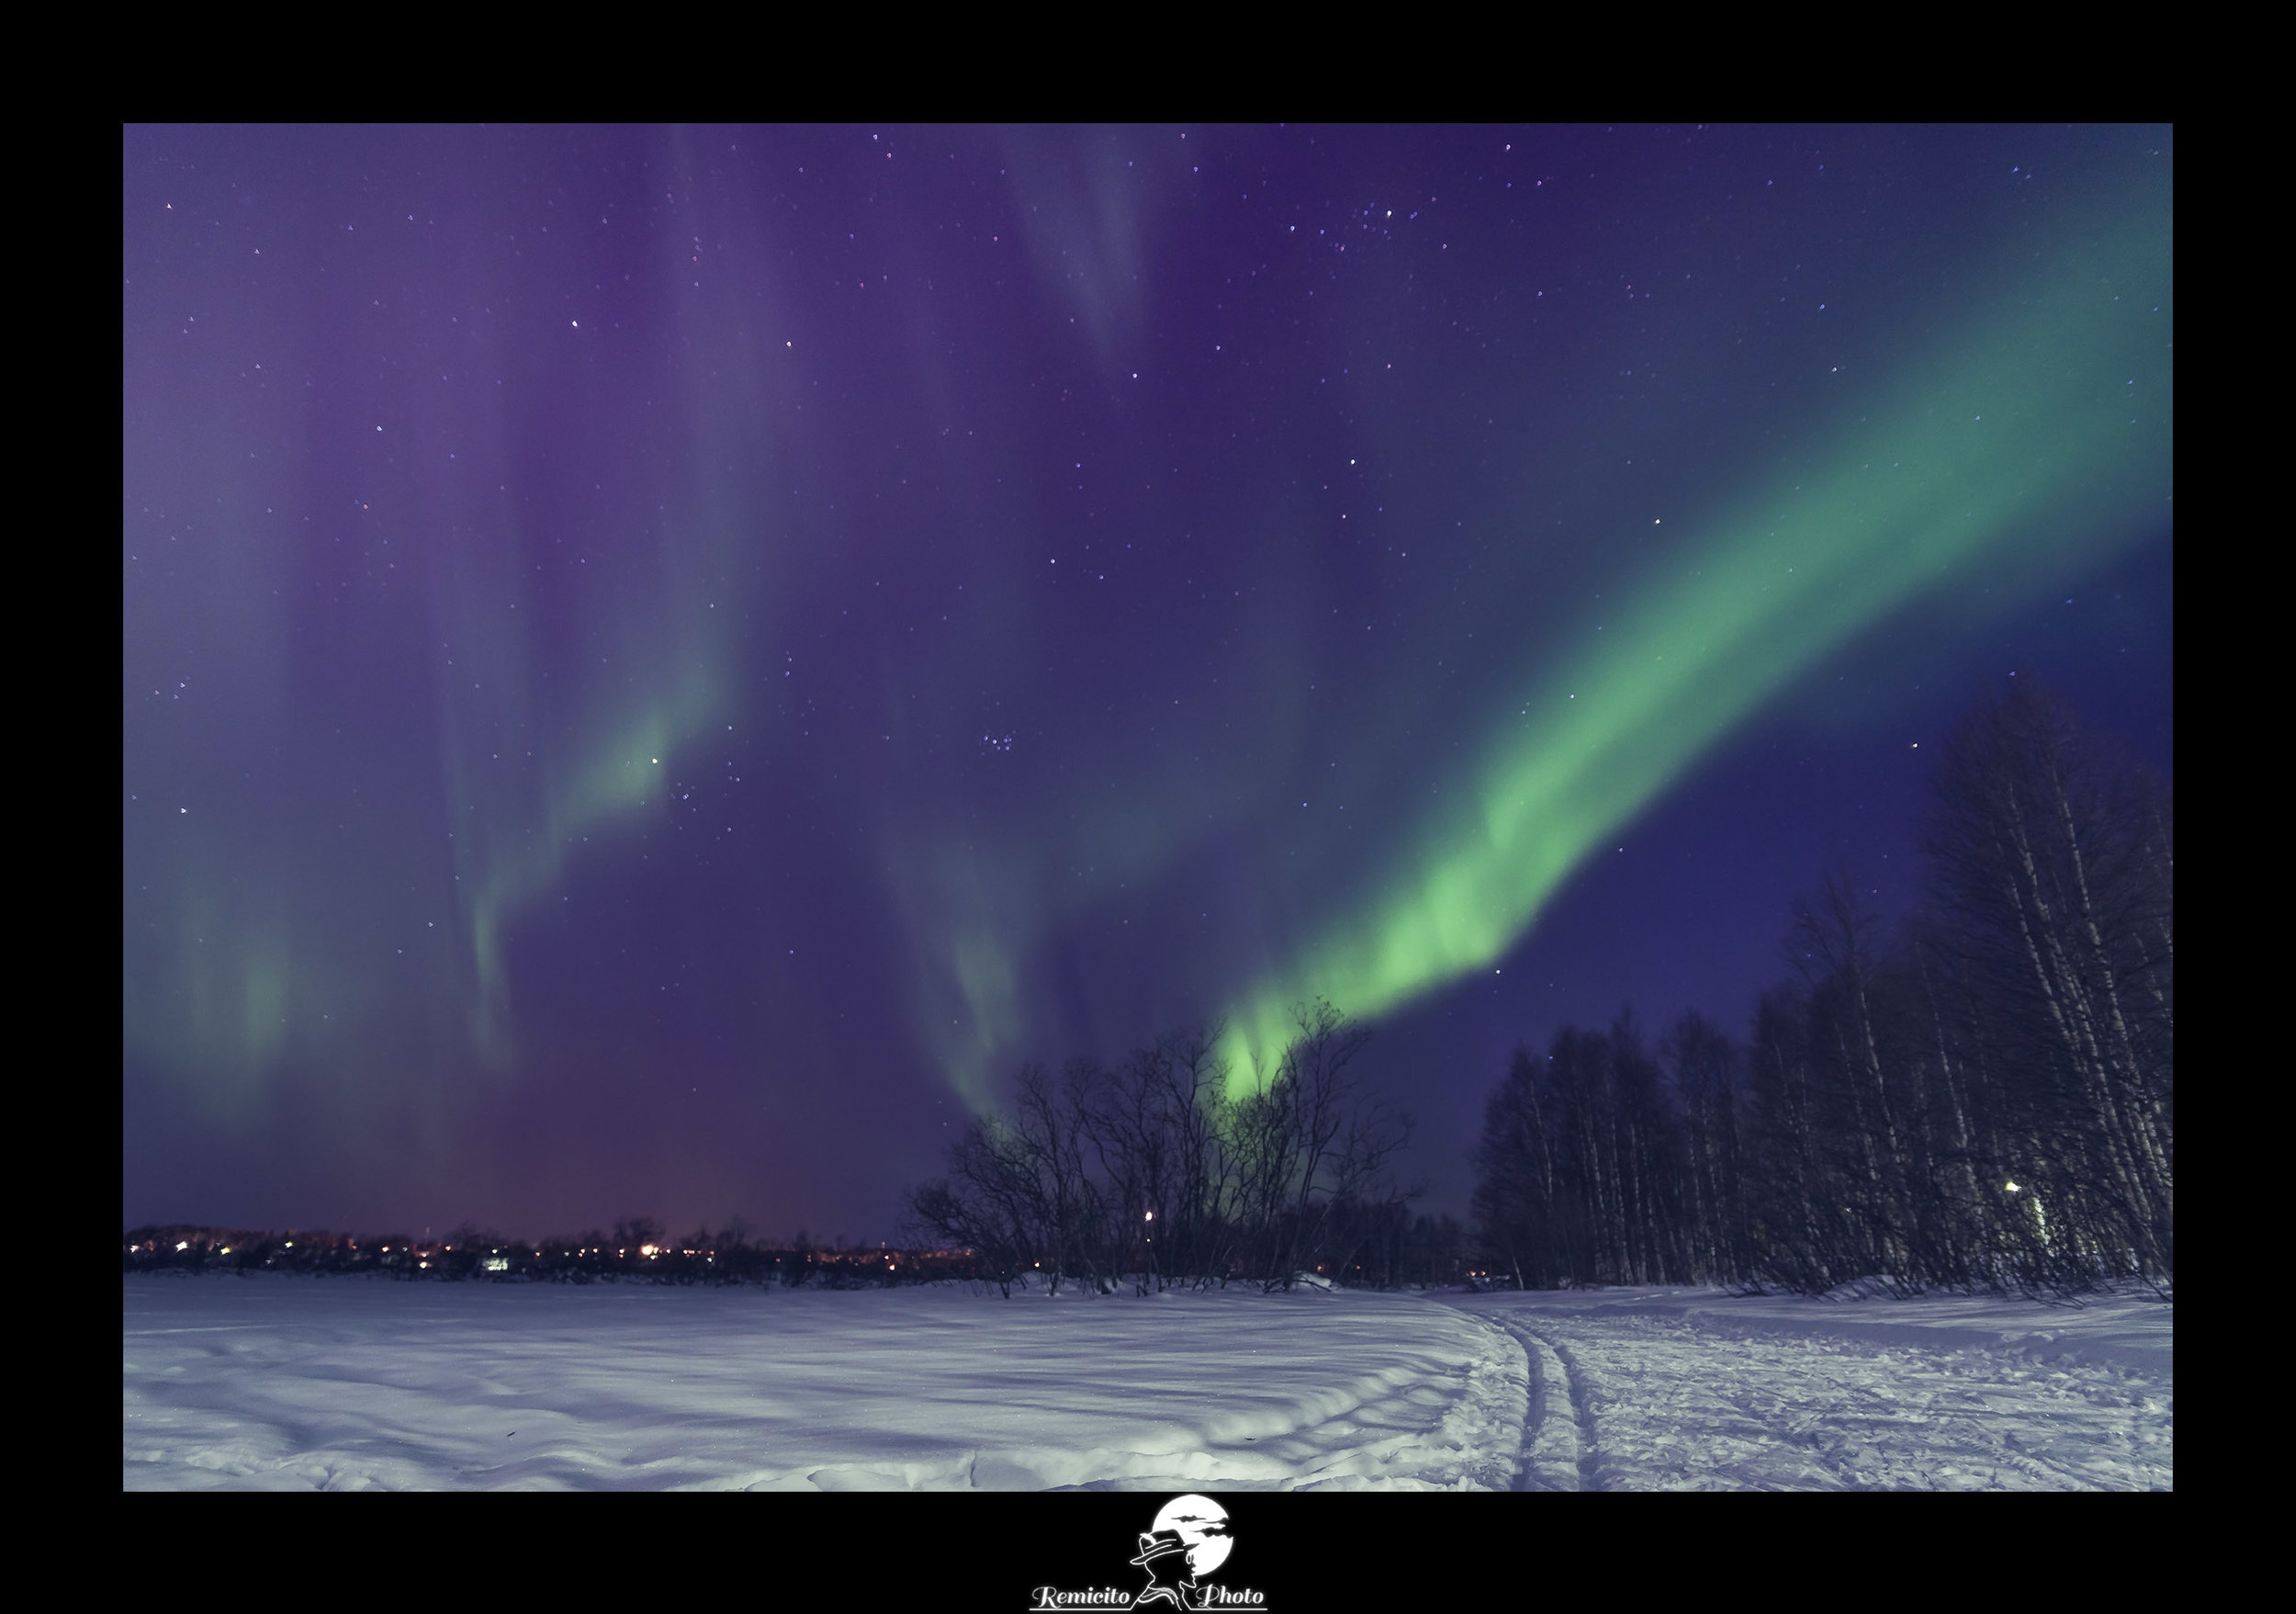 Remicito photo, remicito rémi lacombe photographe paris, belle photo aurores boréales finlande, idée cadeau photo aurores boréales